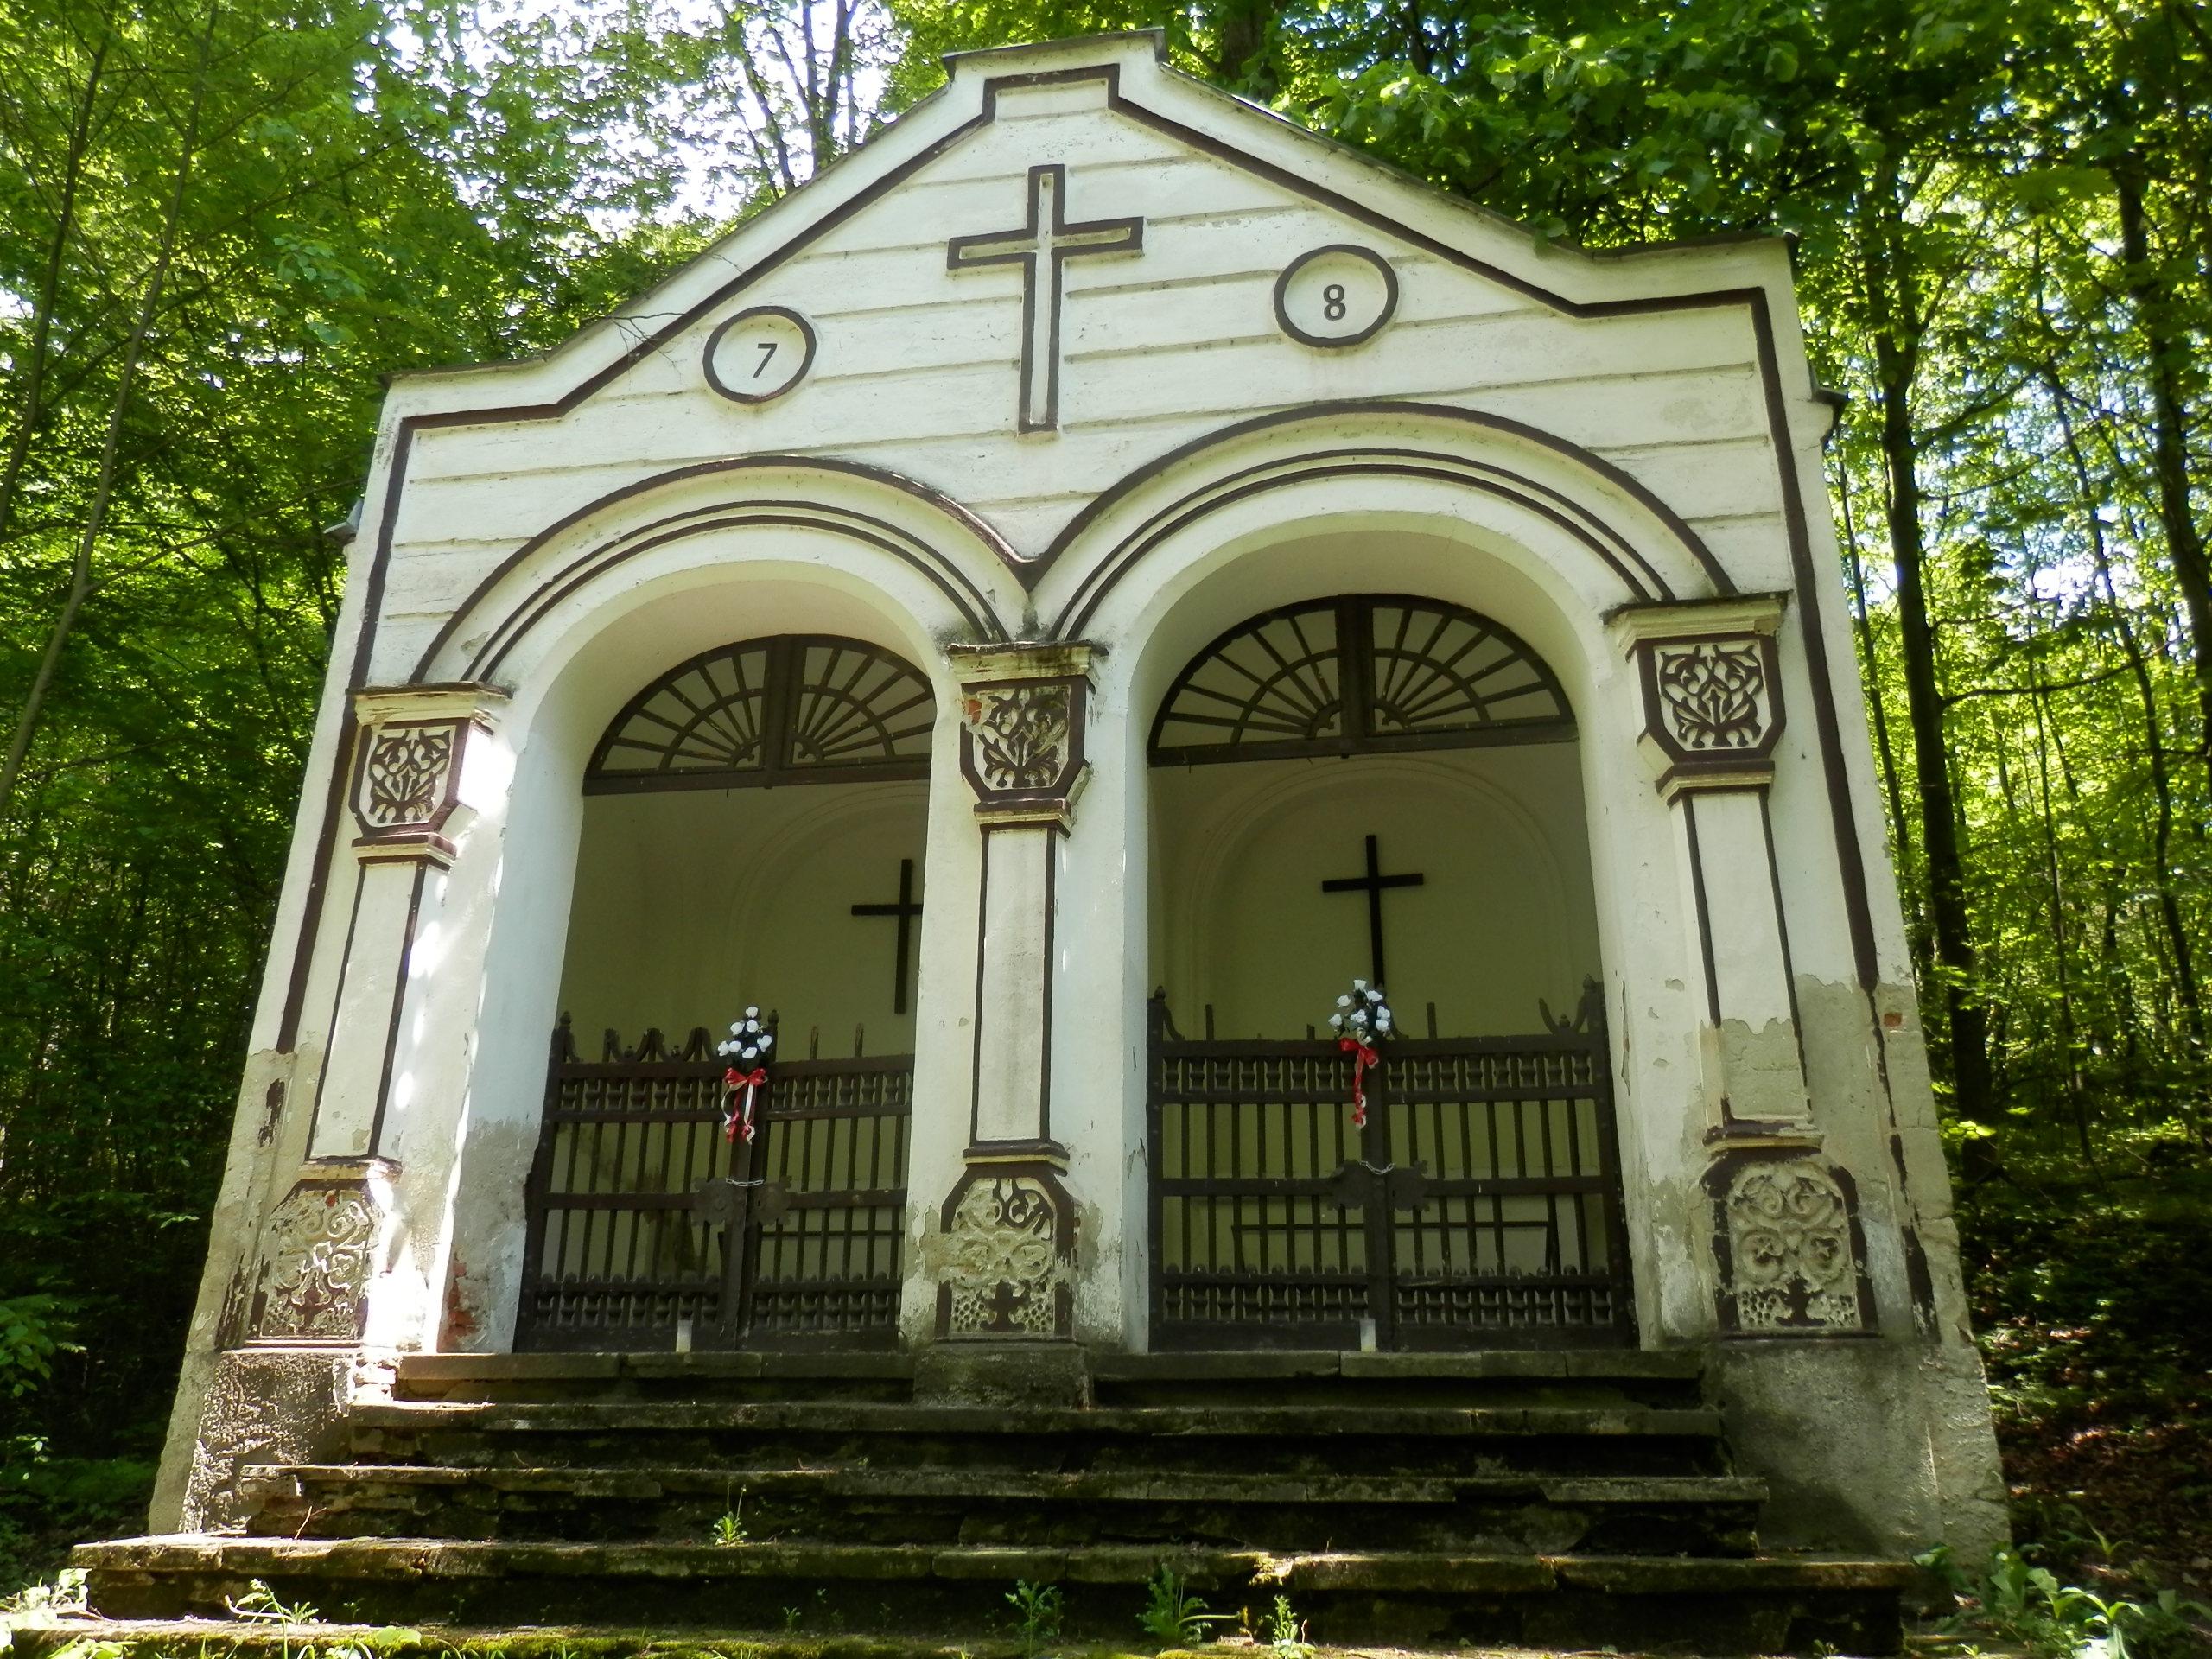 Dvojitá kaplnka (7 a 8 zastavenie na krížovej ceste)